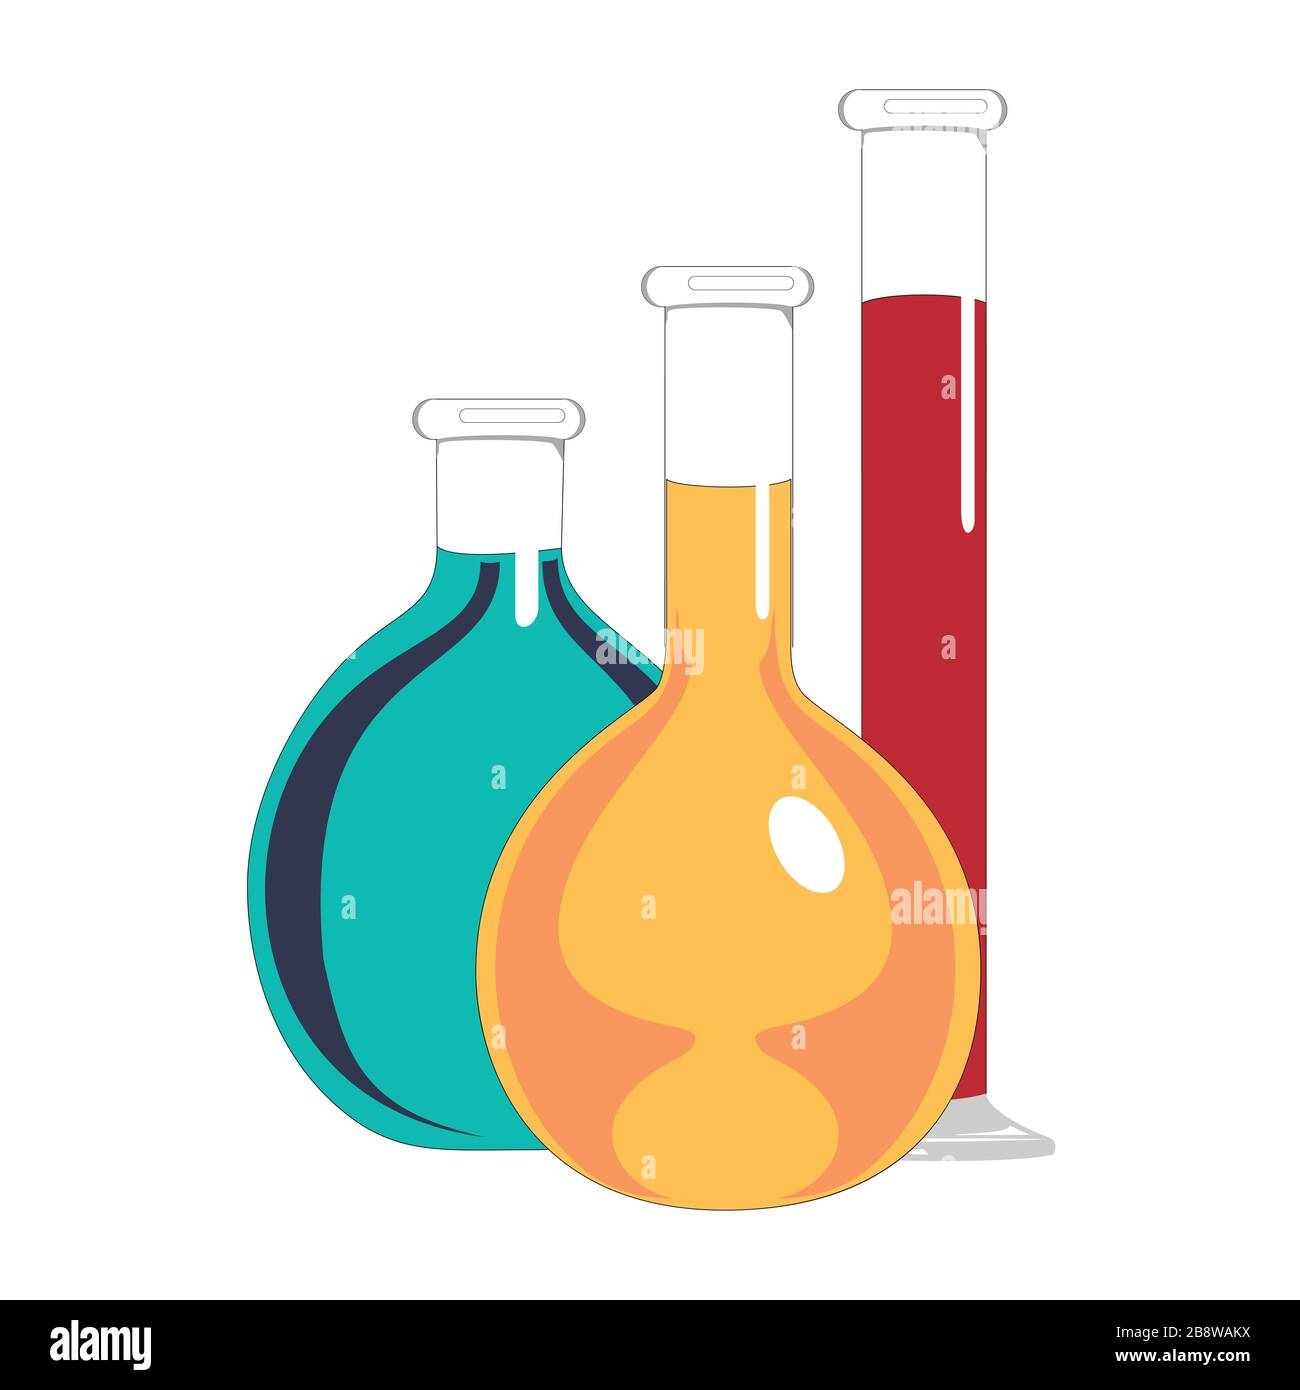 Matraces de vidrio de laboratorio y tubos de ensayo con líquido azul, amarillo y rojo. Experimentos químicos y biológicos. Ilustración vectorial en estilo plano. Ilustración del Vector